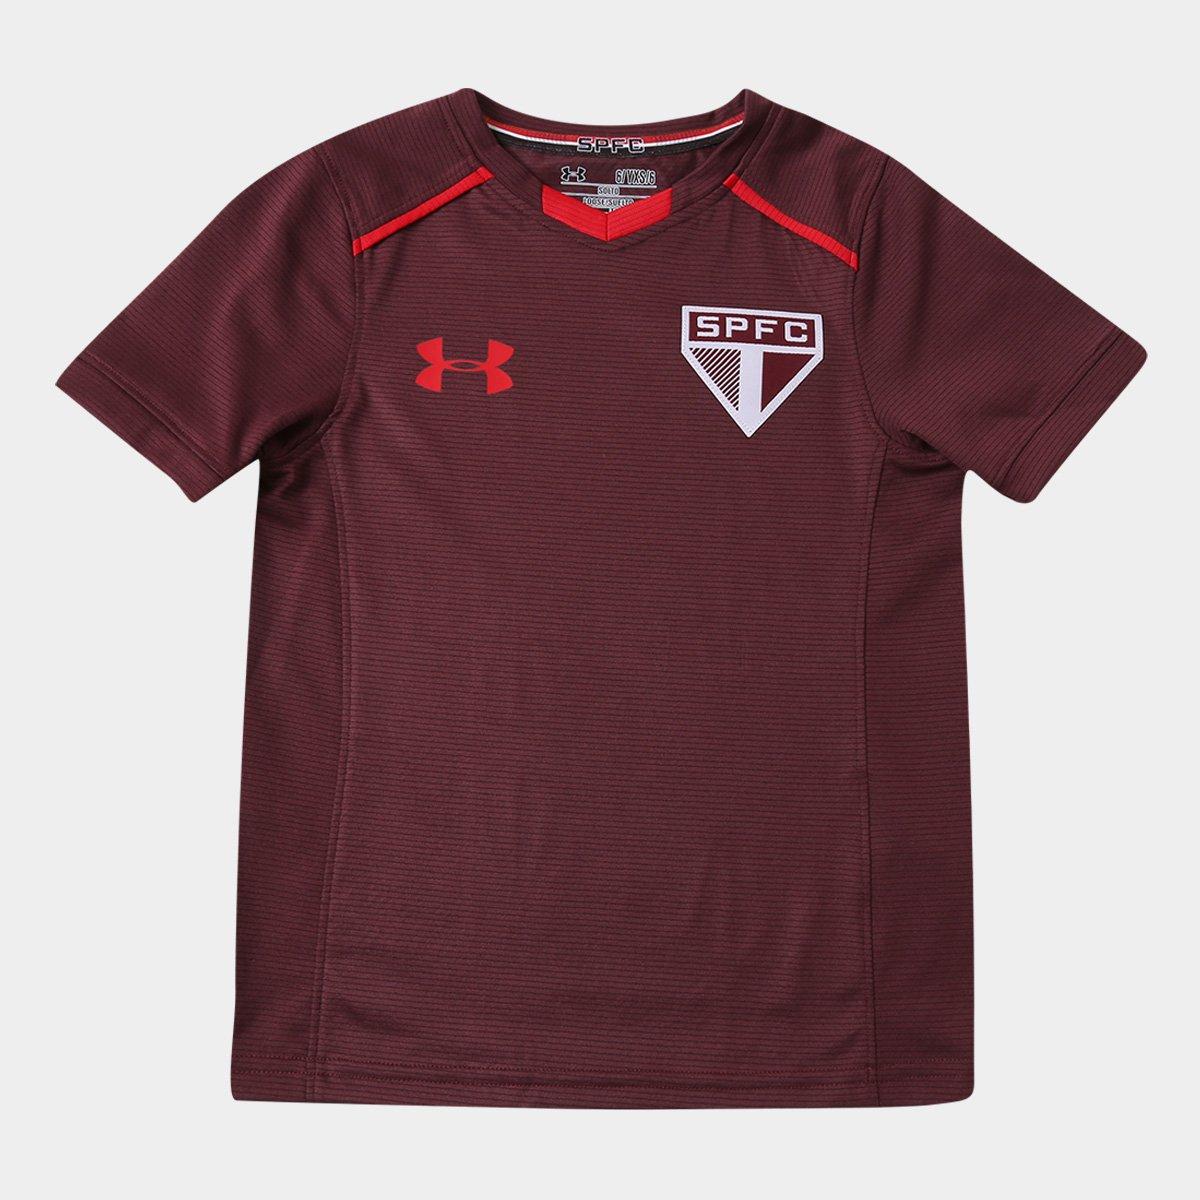 b12684e80c1 Camisa de Treino São Paulo Infantil 17 18 Under Armour - Vinho - Compre  Agora